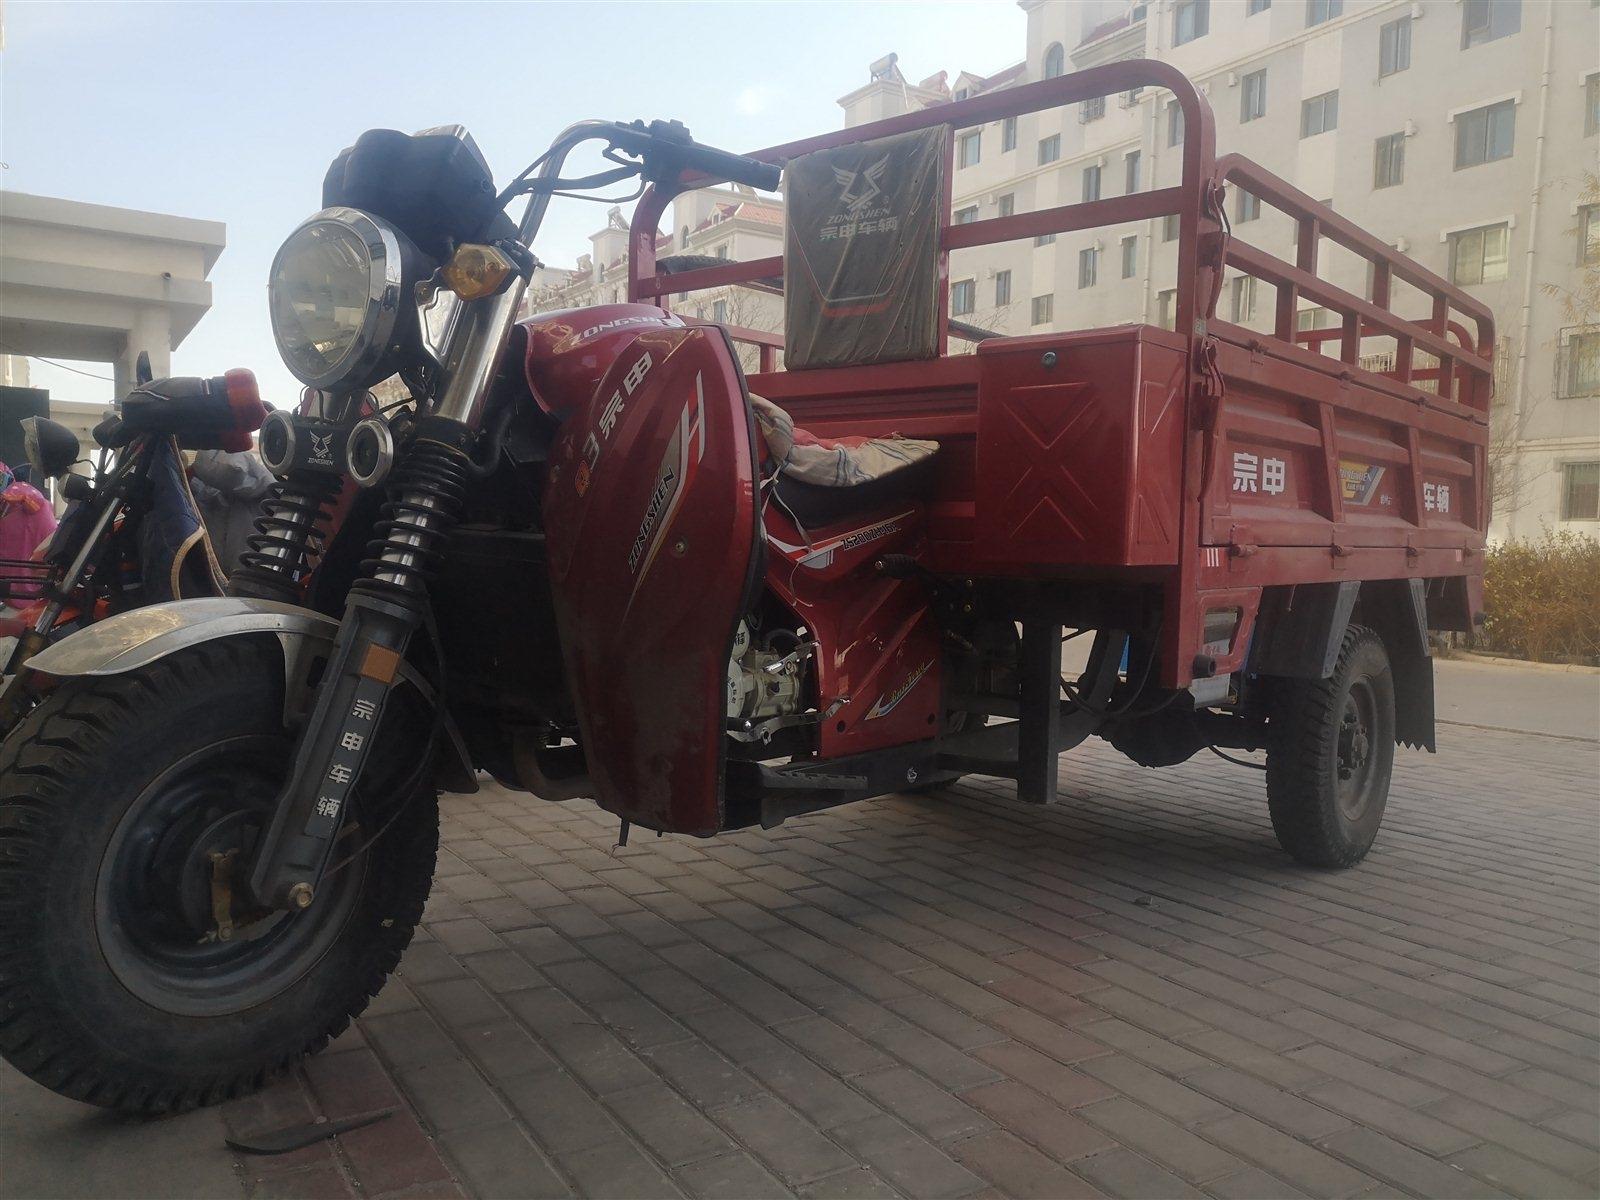 宗申三輪摩托車排量200Cc